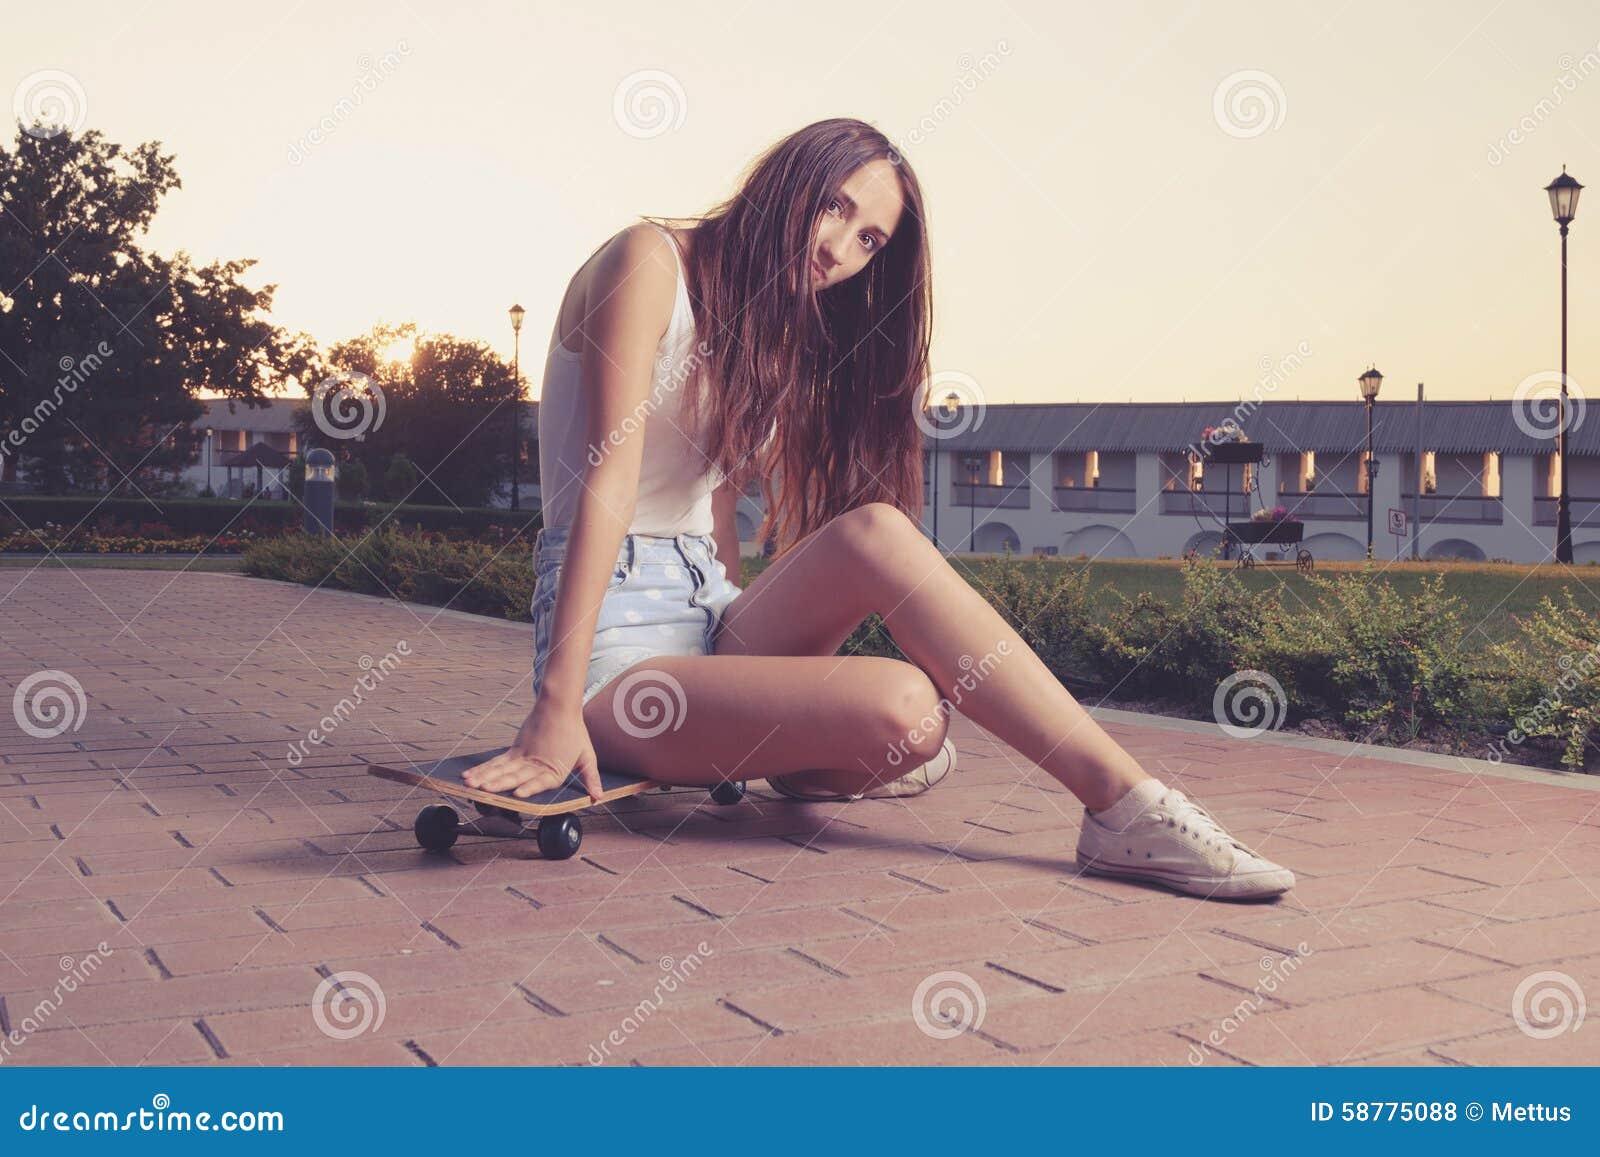 image de style d 39 instagram de fille mignonne se reposant sur elle photo stock image 58775088. Black Bedroom Furniture Sets. Home Design Ideas